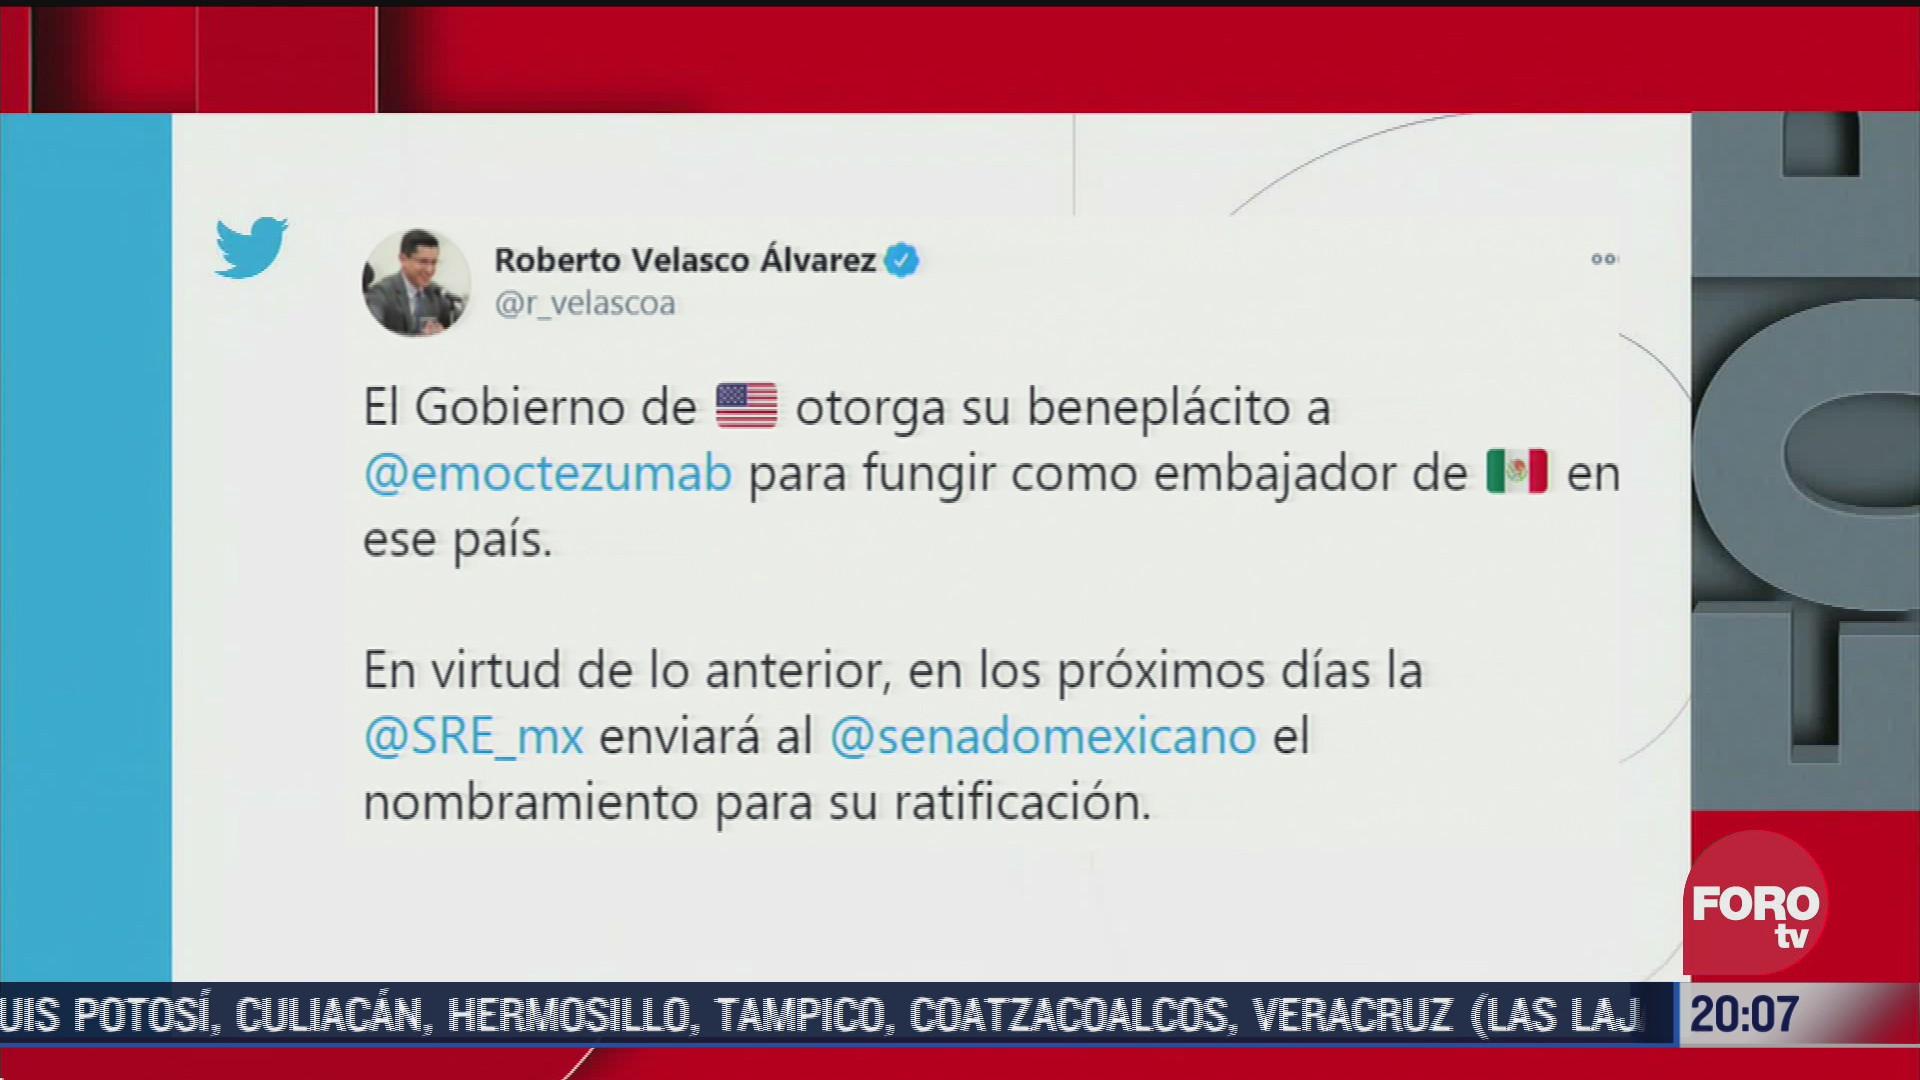 Estados Unidos otorgó su beneplácito a Esteban Moctezuma Barragán para fungir como embajador de Méxicoen la unión americana